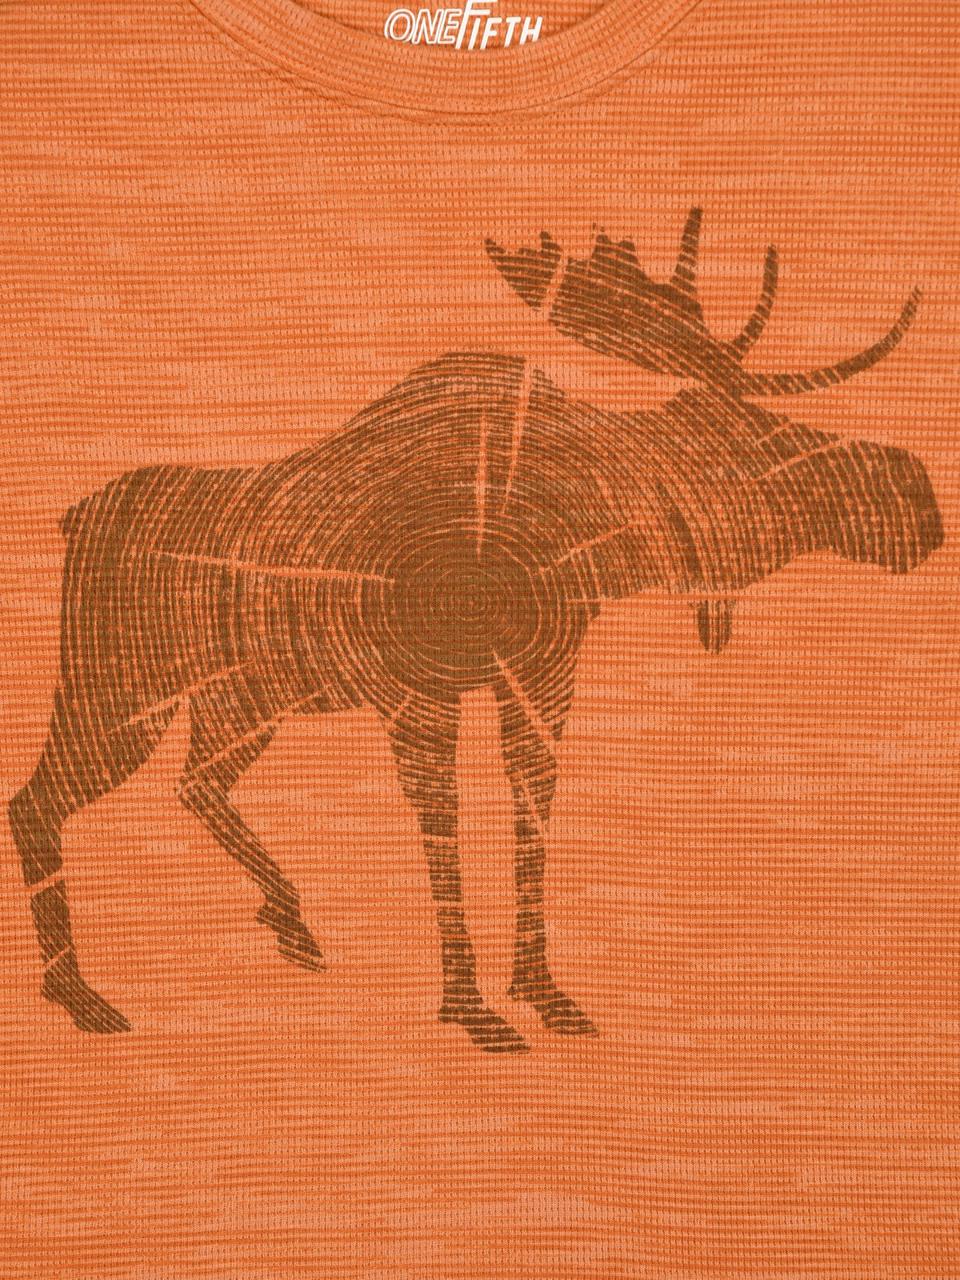 Log Moose LS Thermal Crew